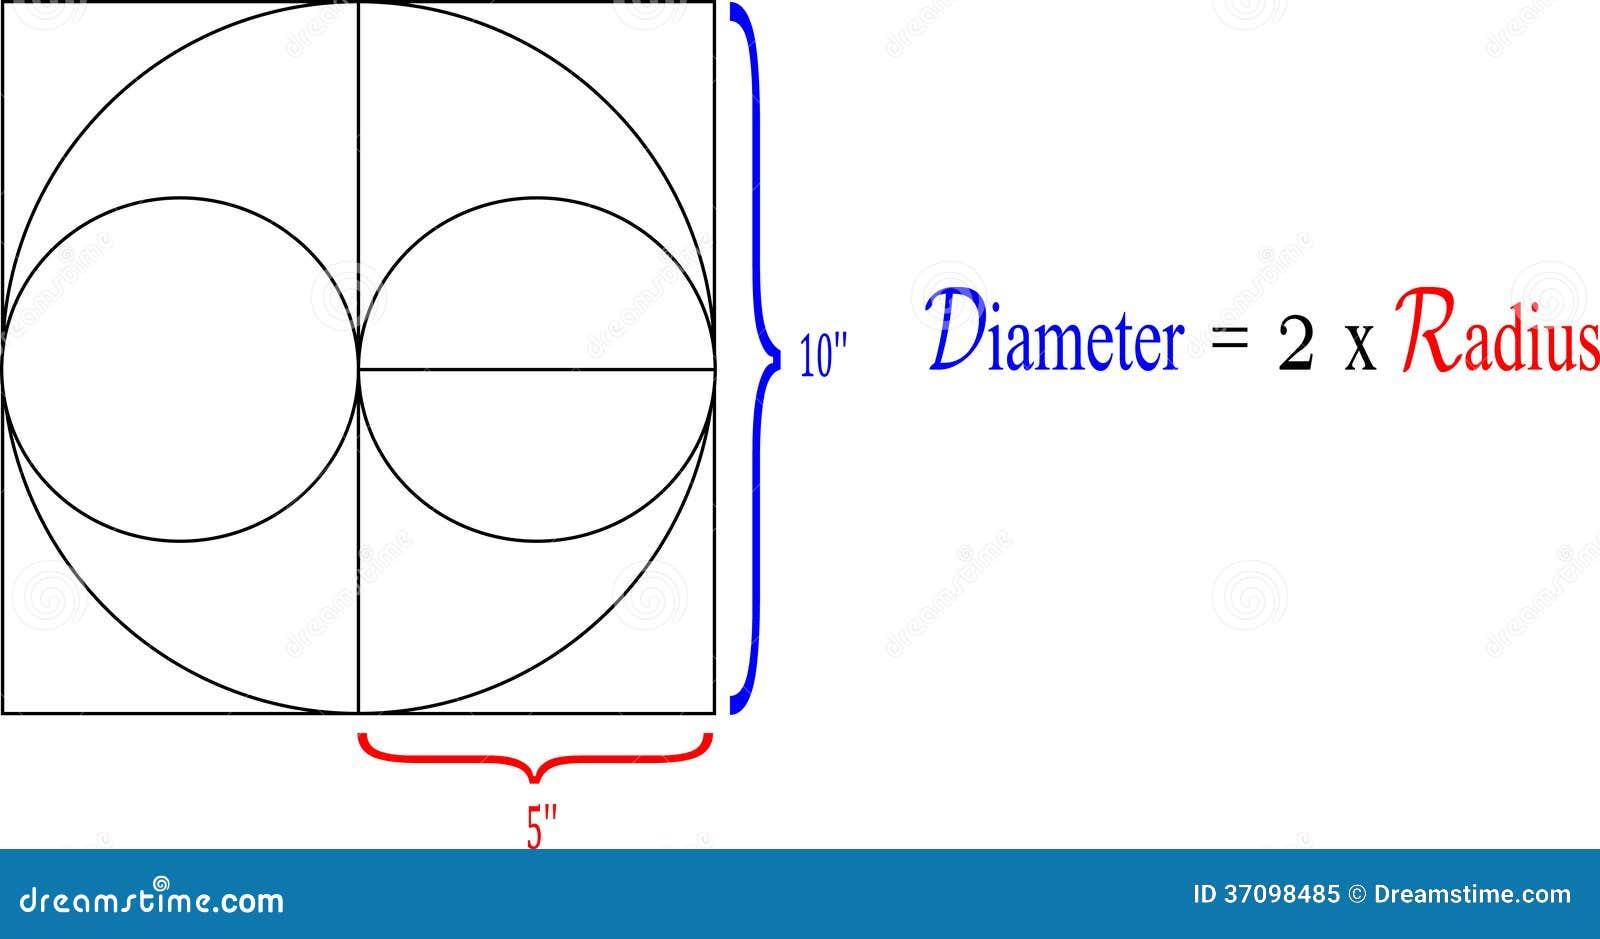 worksheet Diameter Radius radius and diameter clip art clipart download art